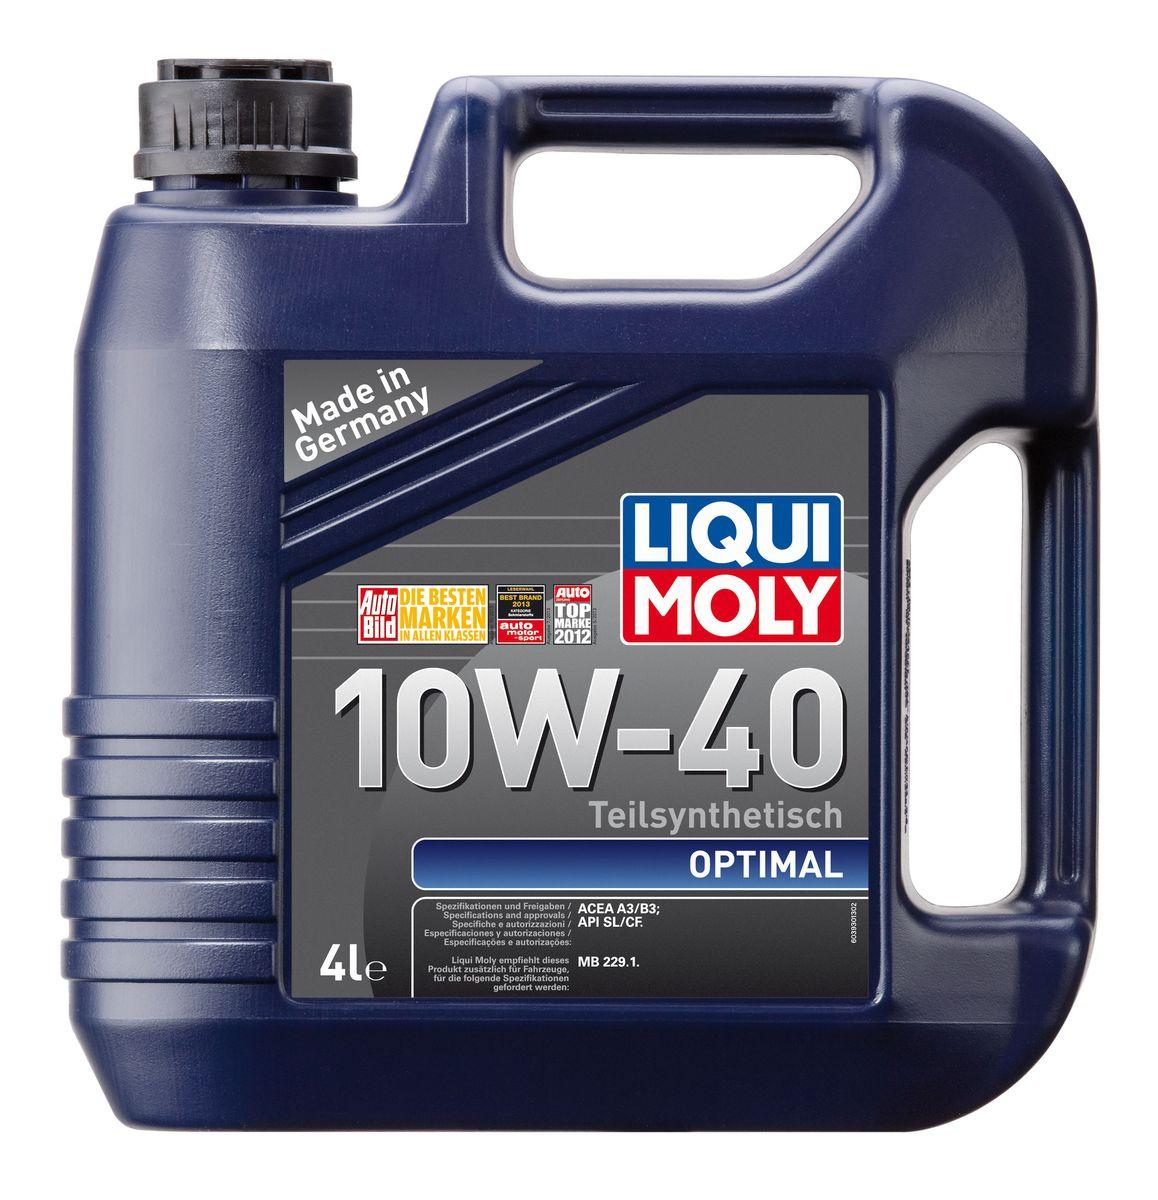 Масло моторное Liqui Moly Optimal, полусинтетическое, 10W-40, 4 л3930Масло моторное Liqui Moly Optimal - это полусинтетическое моторное масло с адаптированным для российских условий пакетом присадок, которые в сочетании с вязкостью 10W-40 обеспечивают высокий уровень защиты. Масло оптимально подходит для таких российских марок, как ВАЗ и ГАЗ. Optimal 10W-40 удовлетворяет современным международным стандартам API/ACEA. В моторном масле используются синтетические и минеральные базовые компоненты, отличающиеся высокими защитными свойствами. Масло содержит современный пакет присадок, который обеспечивает высокий уровень защиты от износа и гарантирует стабильное поступление масла ко всем деталям двигателя.